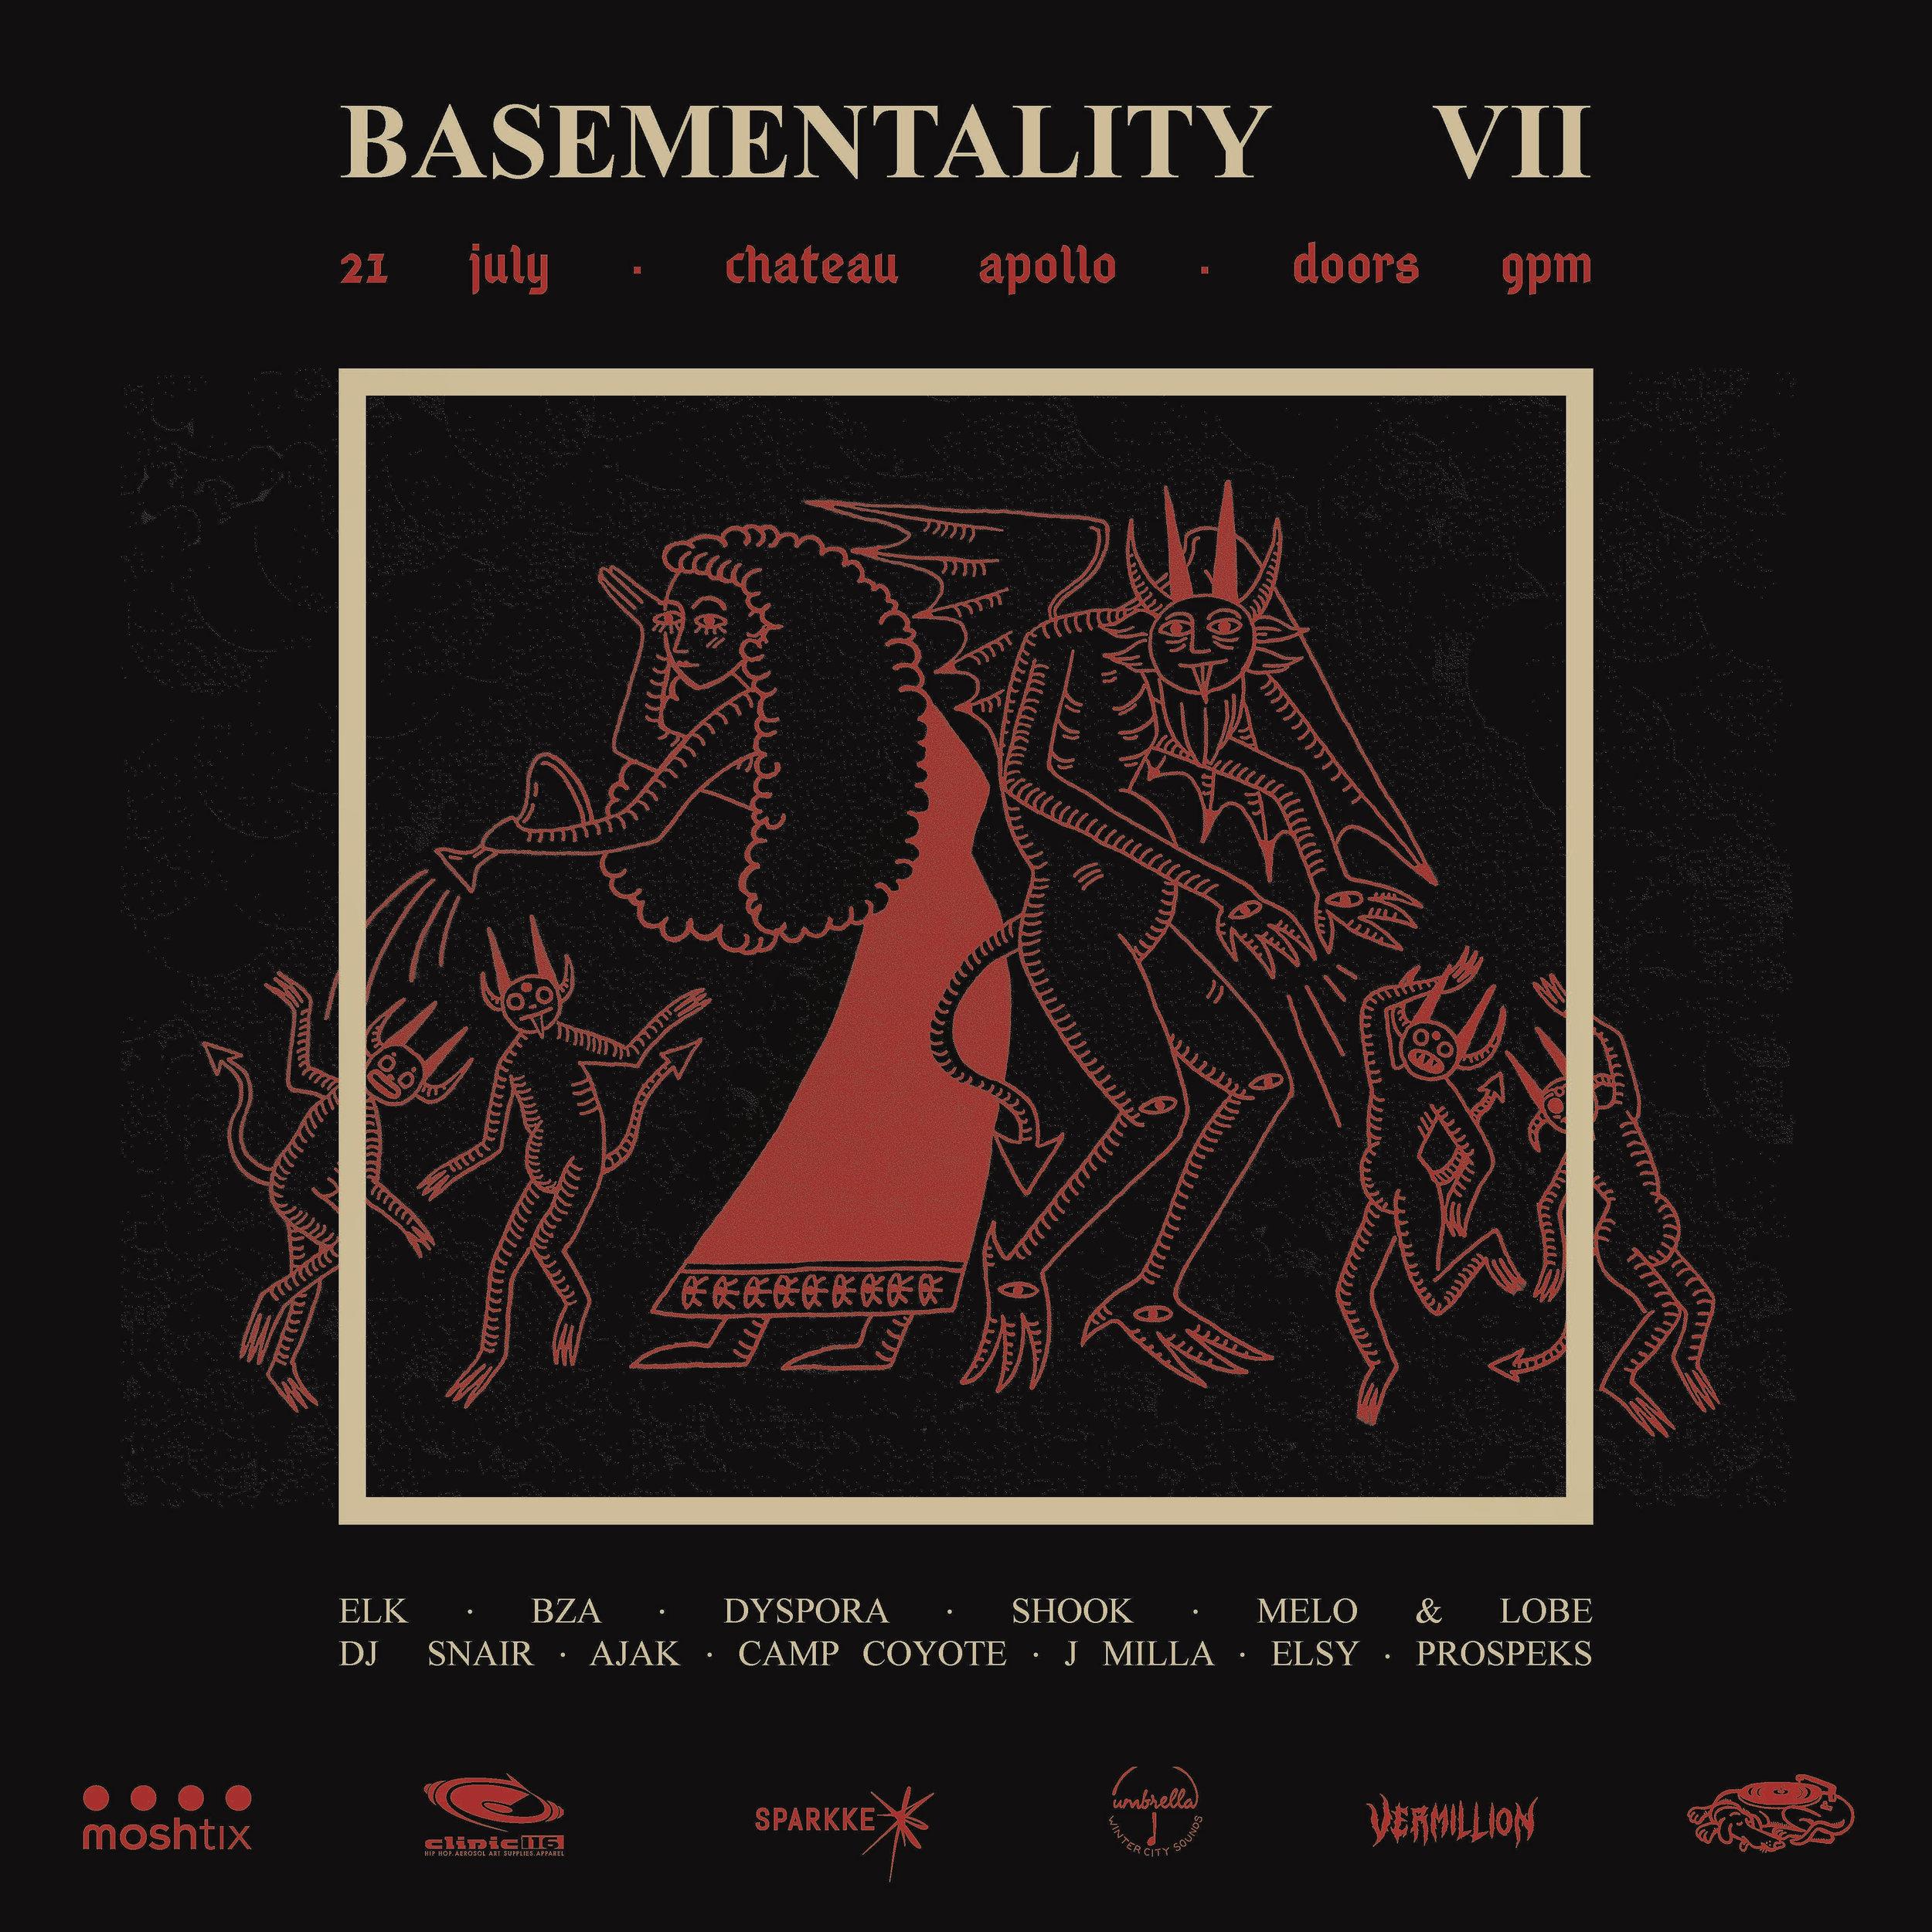 Basementality-July21-2018-Flyer.jpg